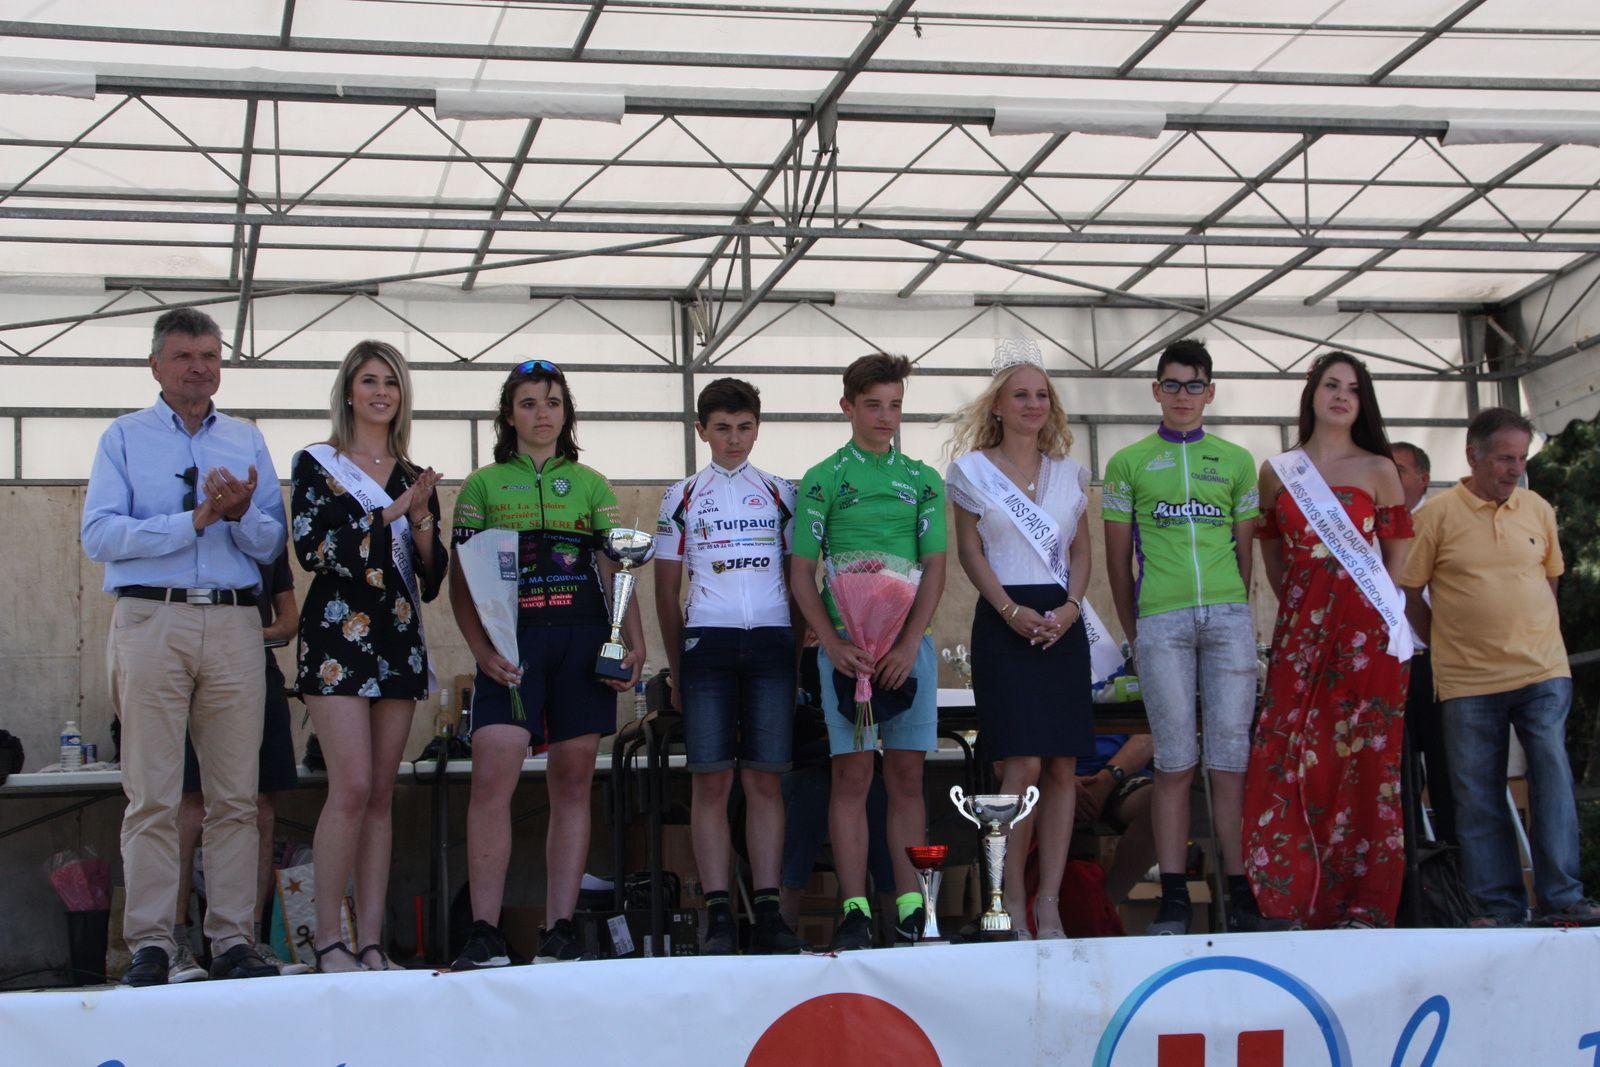 Le  podium  avec  la  1er  fille